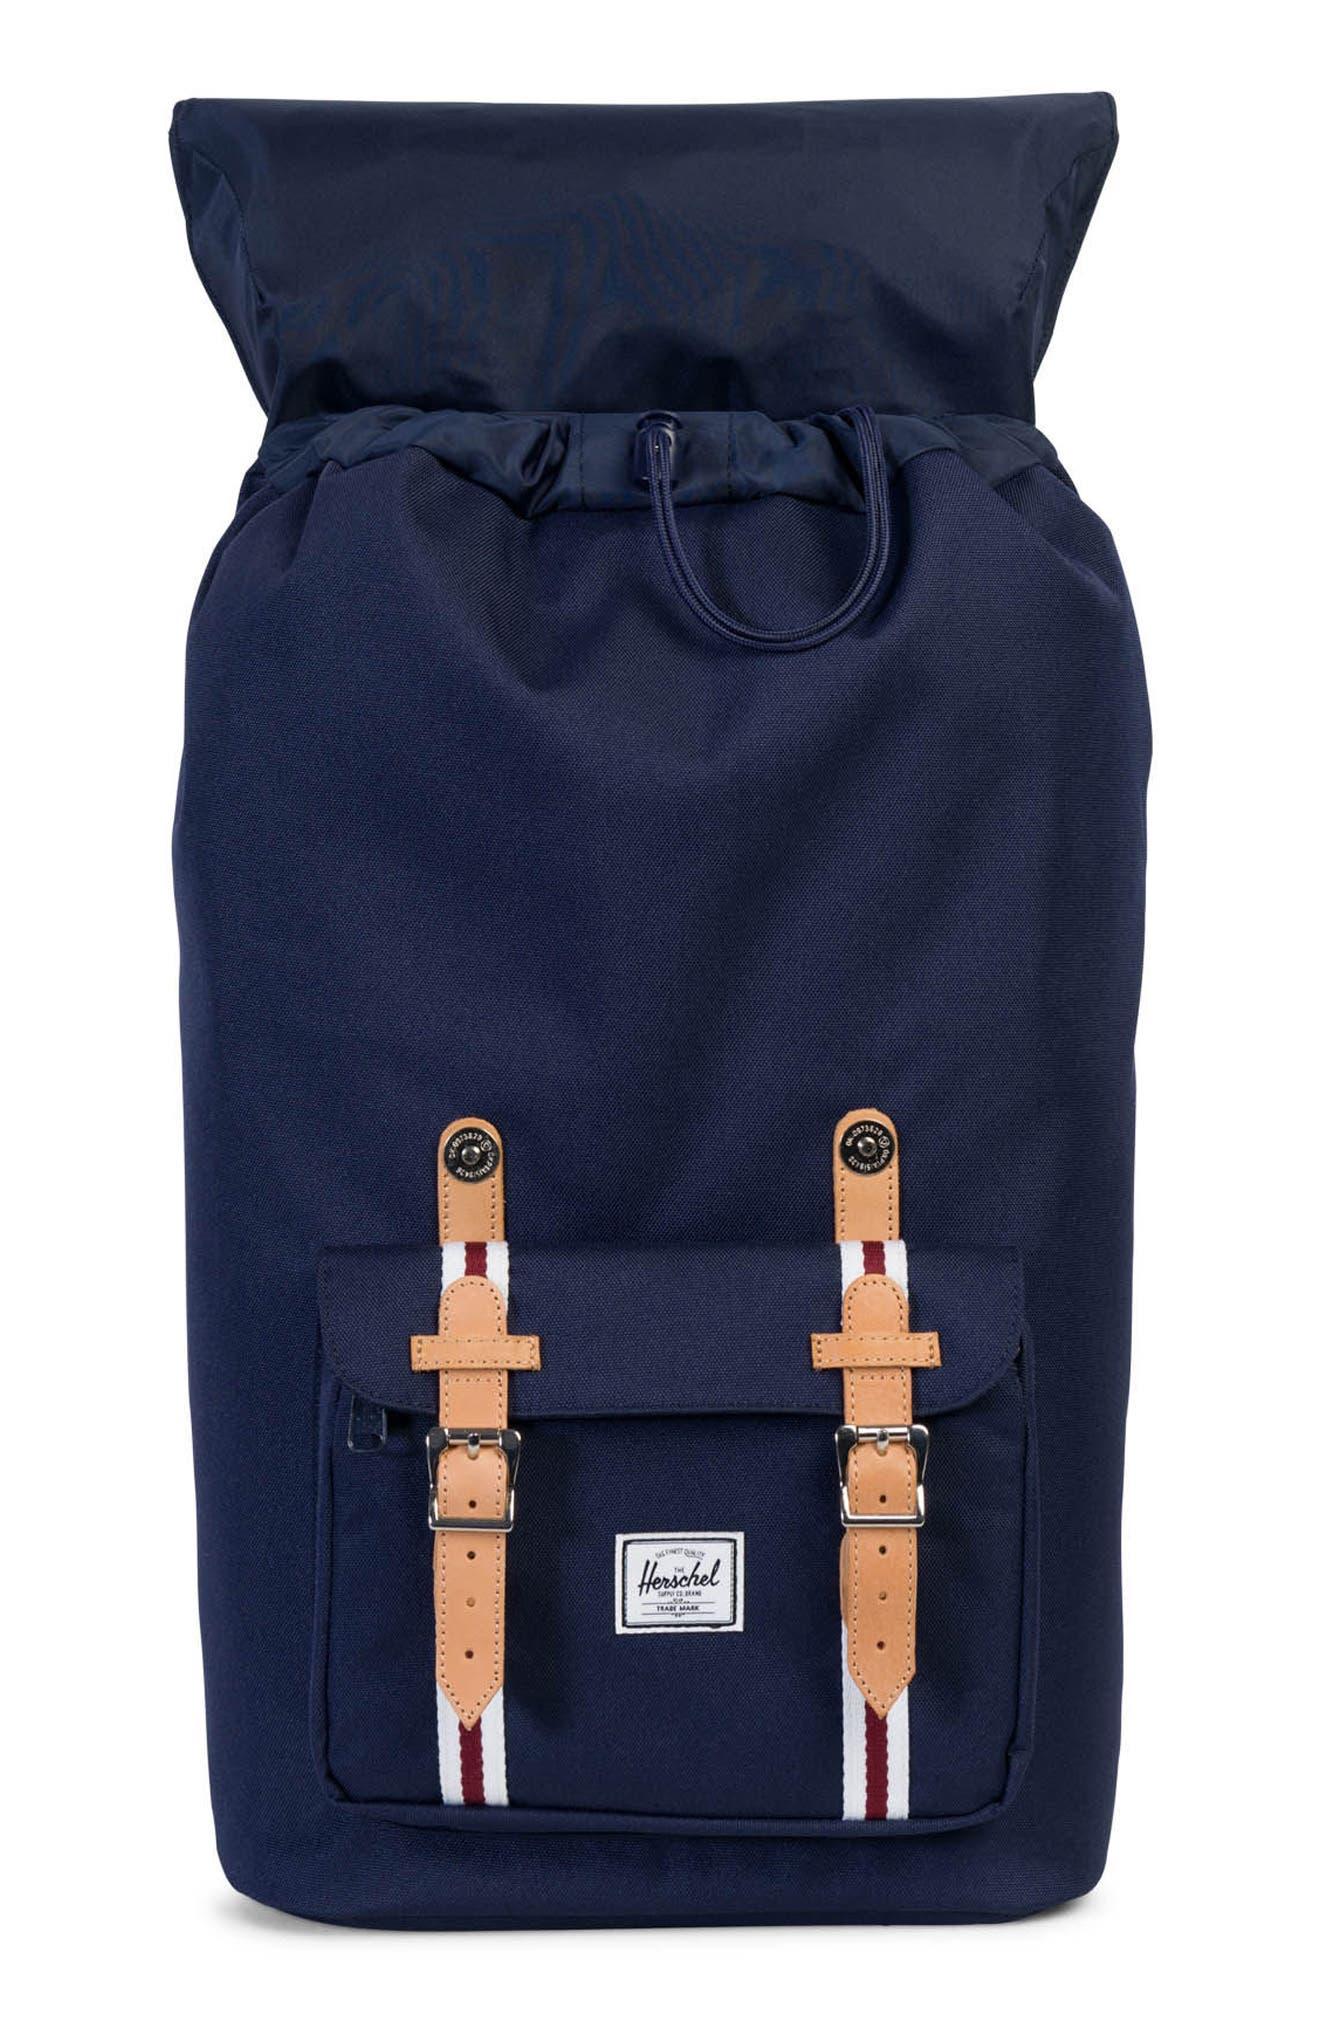 Little America Backpack,                             Alternate thumbnail 4, color,                             Peacoat/ White/ Wine